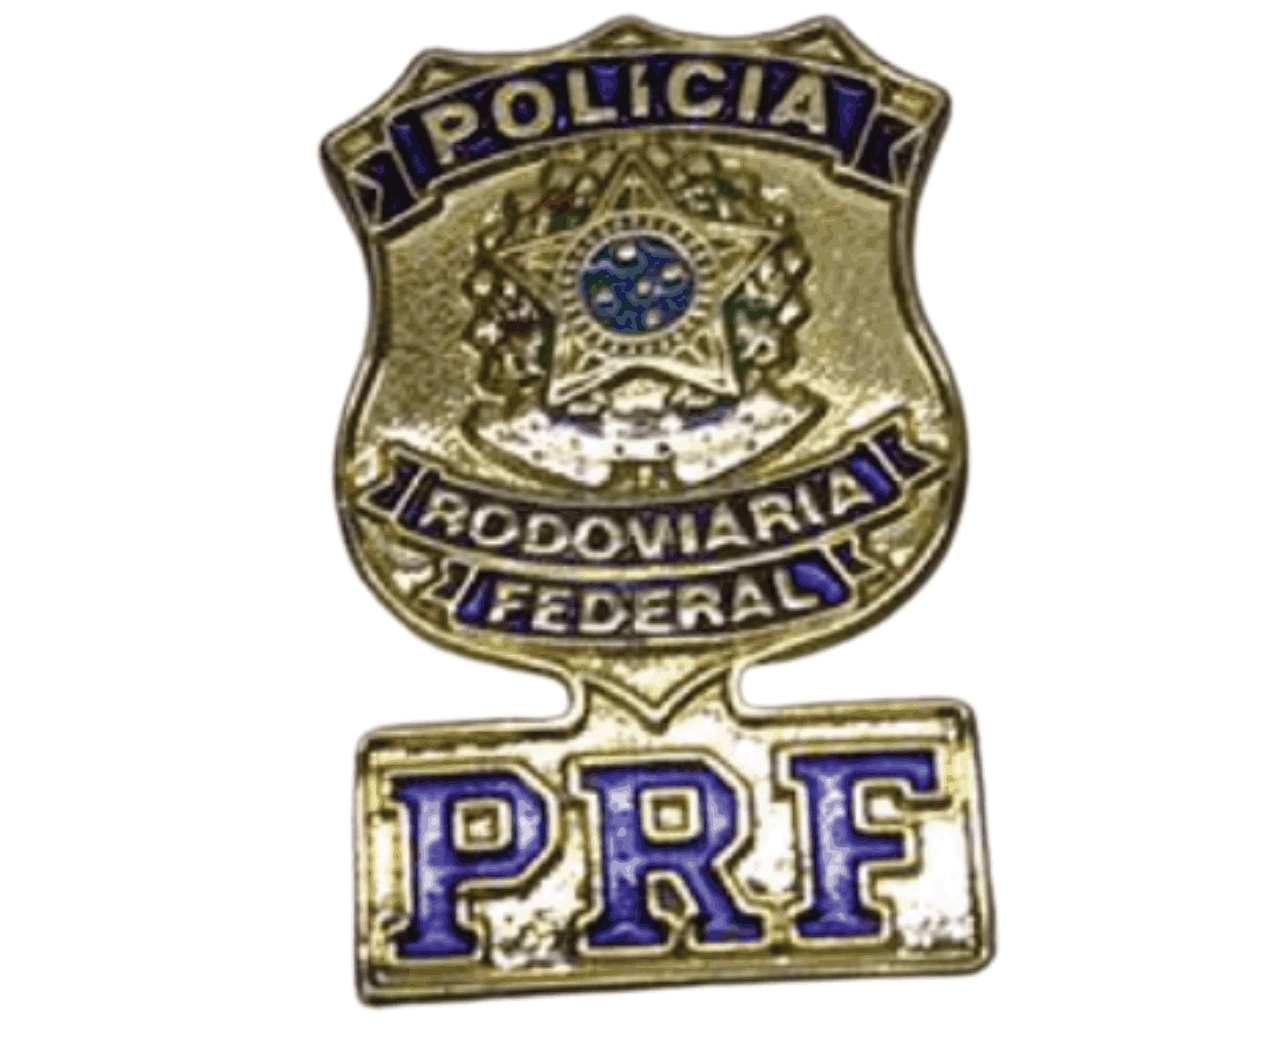 PRF 02 BOTON EM FUNDIÇÃO - Foto 2